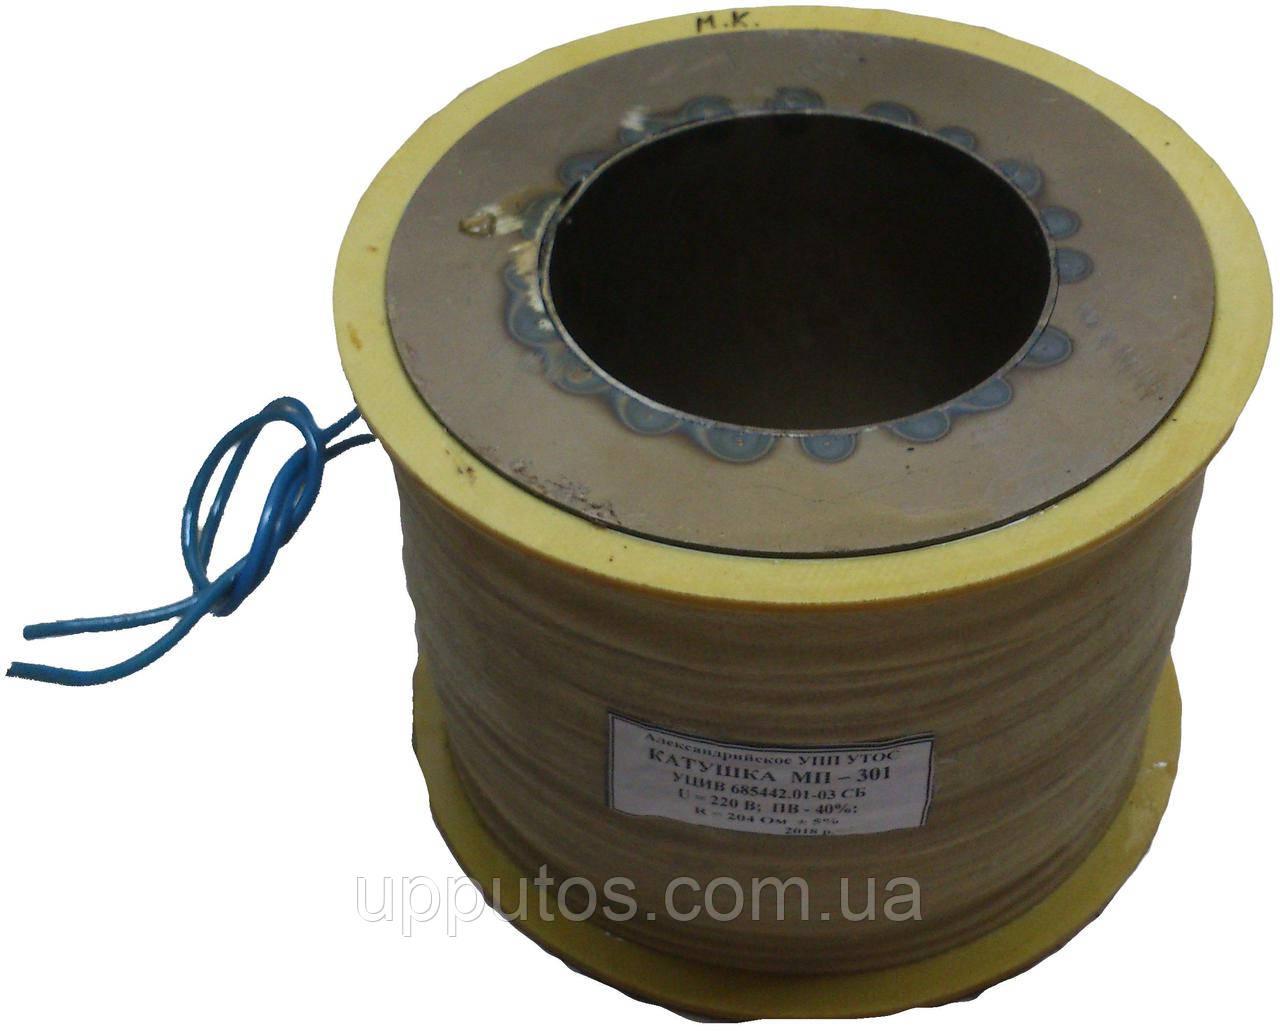 Катушка тормозная МП-301, 110В, ПВ-40%